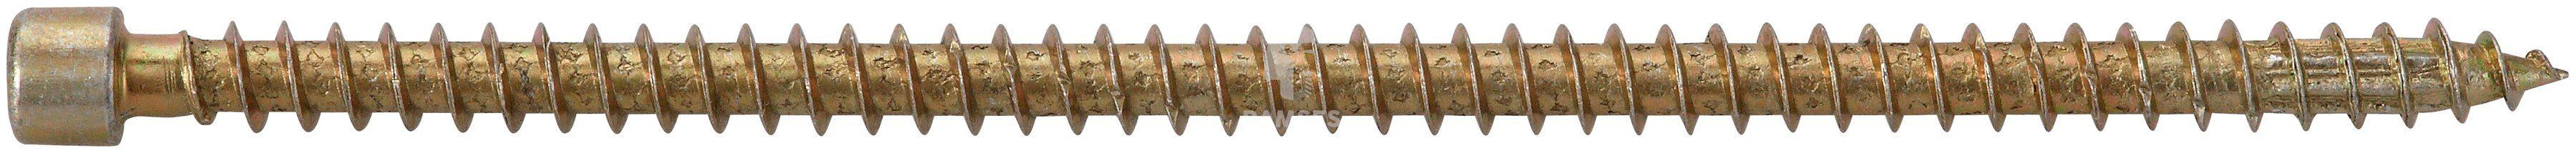 RAMSES Schrauben , Holzbauschraube 8 x 350 mm 50 Stk.